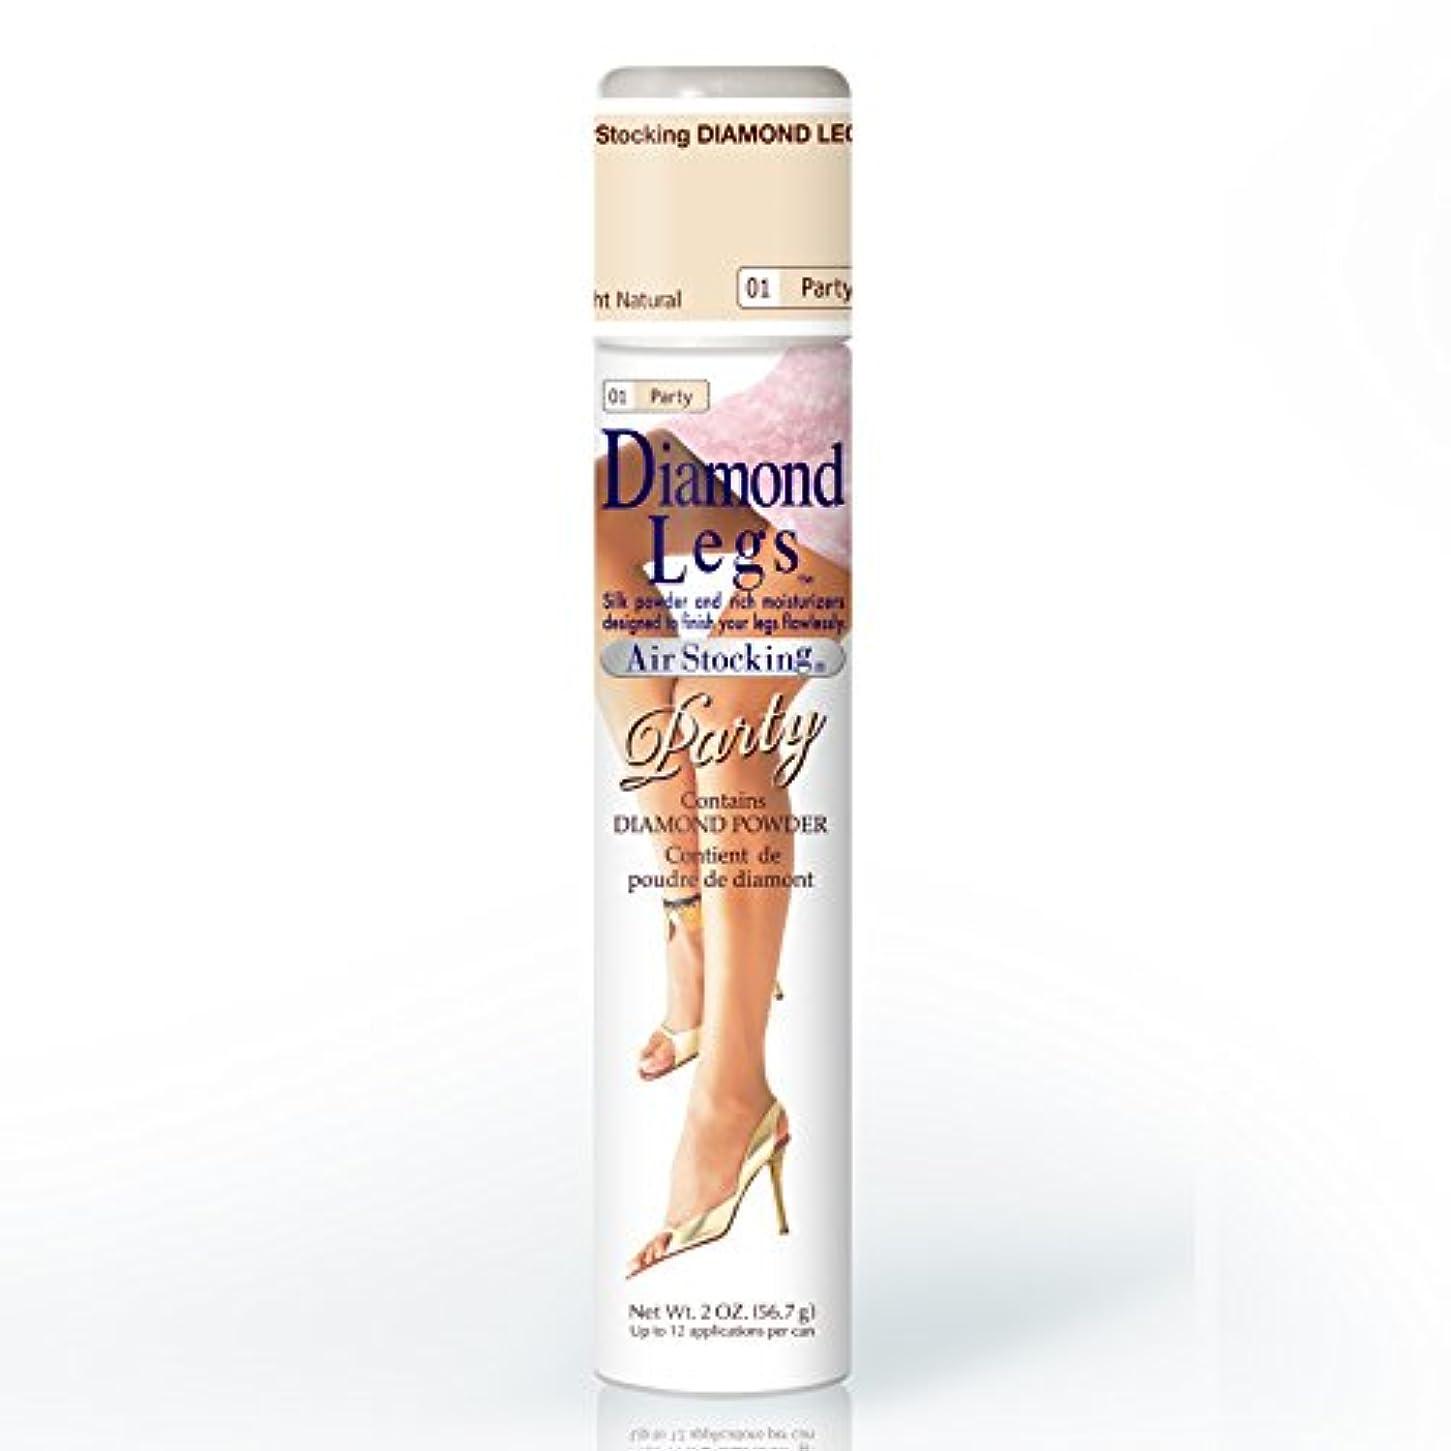 駐地ソート個人AirStocking Diamond Legs エアーストッキング ダイヤモンドレッグス DL 120g / QT 56.7g (56.7g, Party)